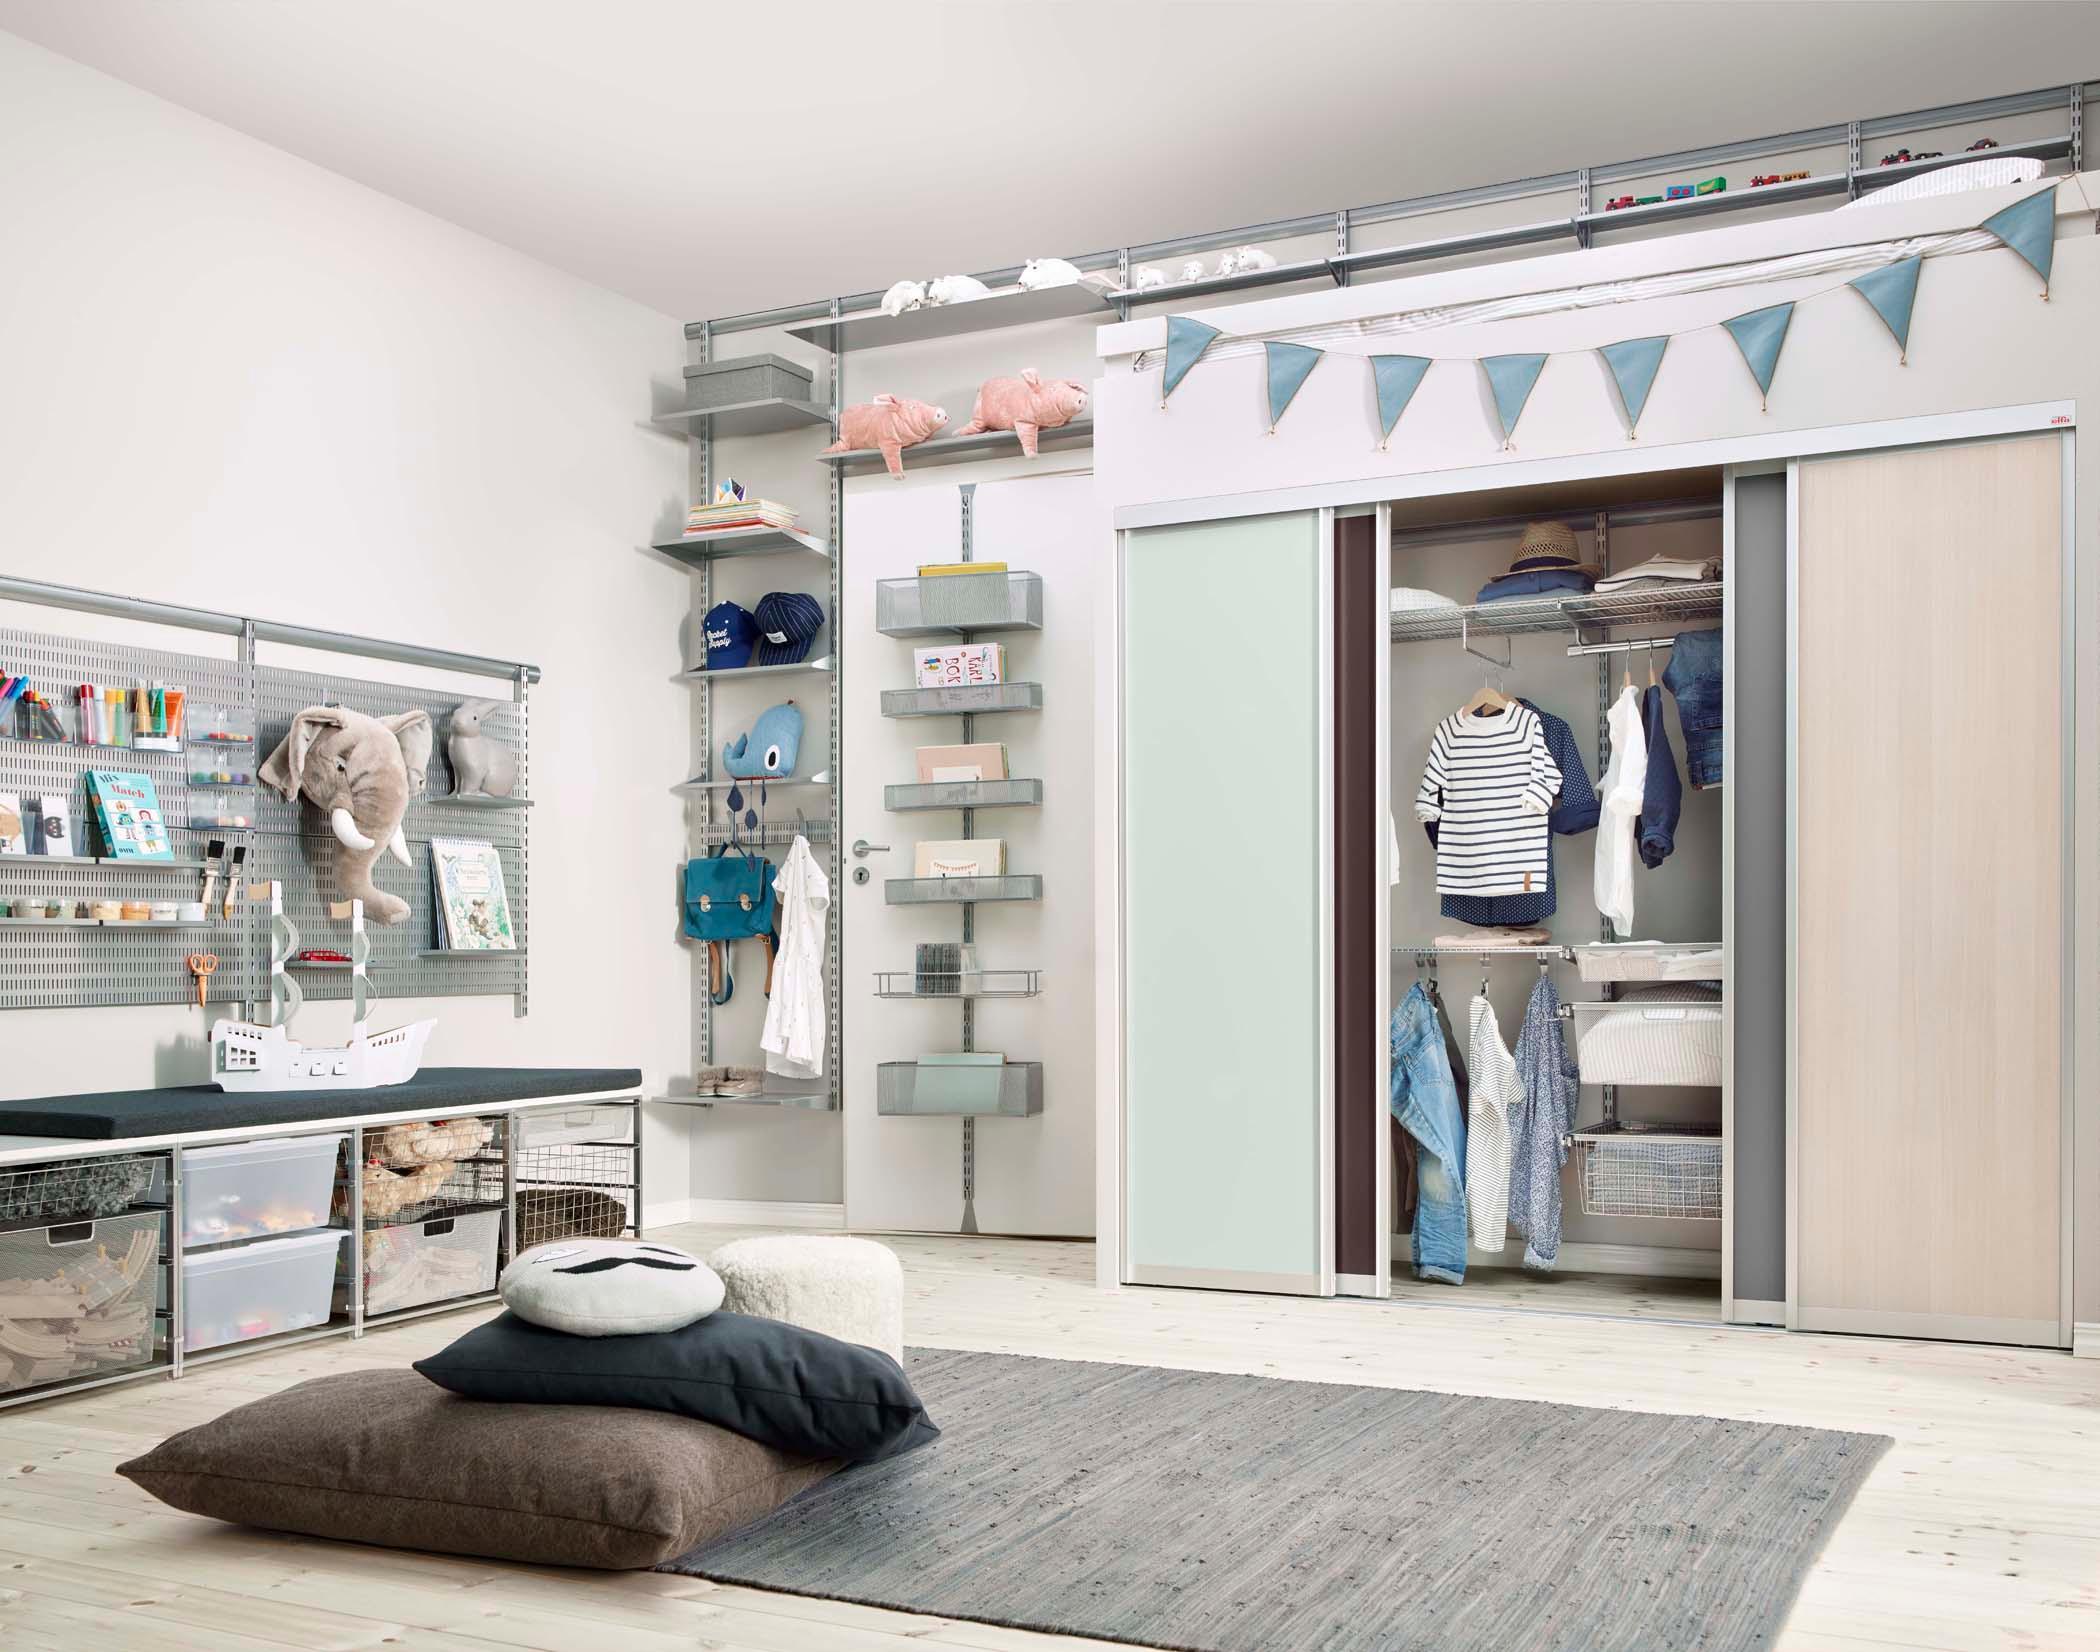 Cooles Kinderzimmer Mit Viel Stauraum Dielenboden